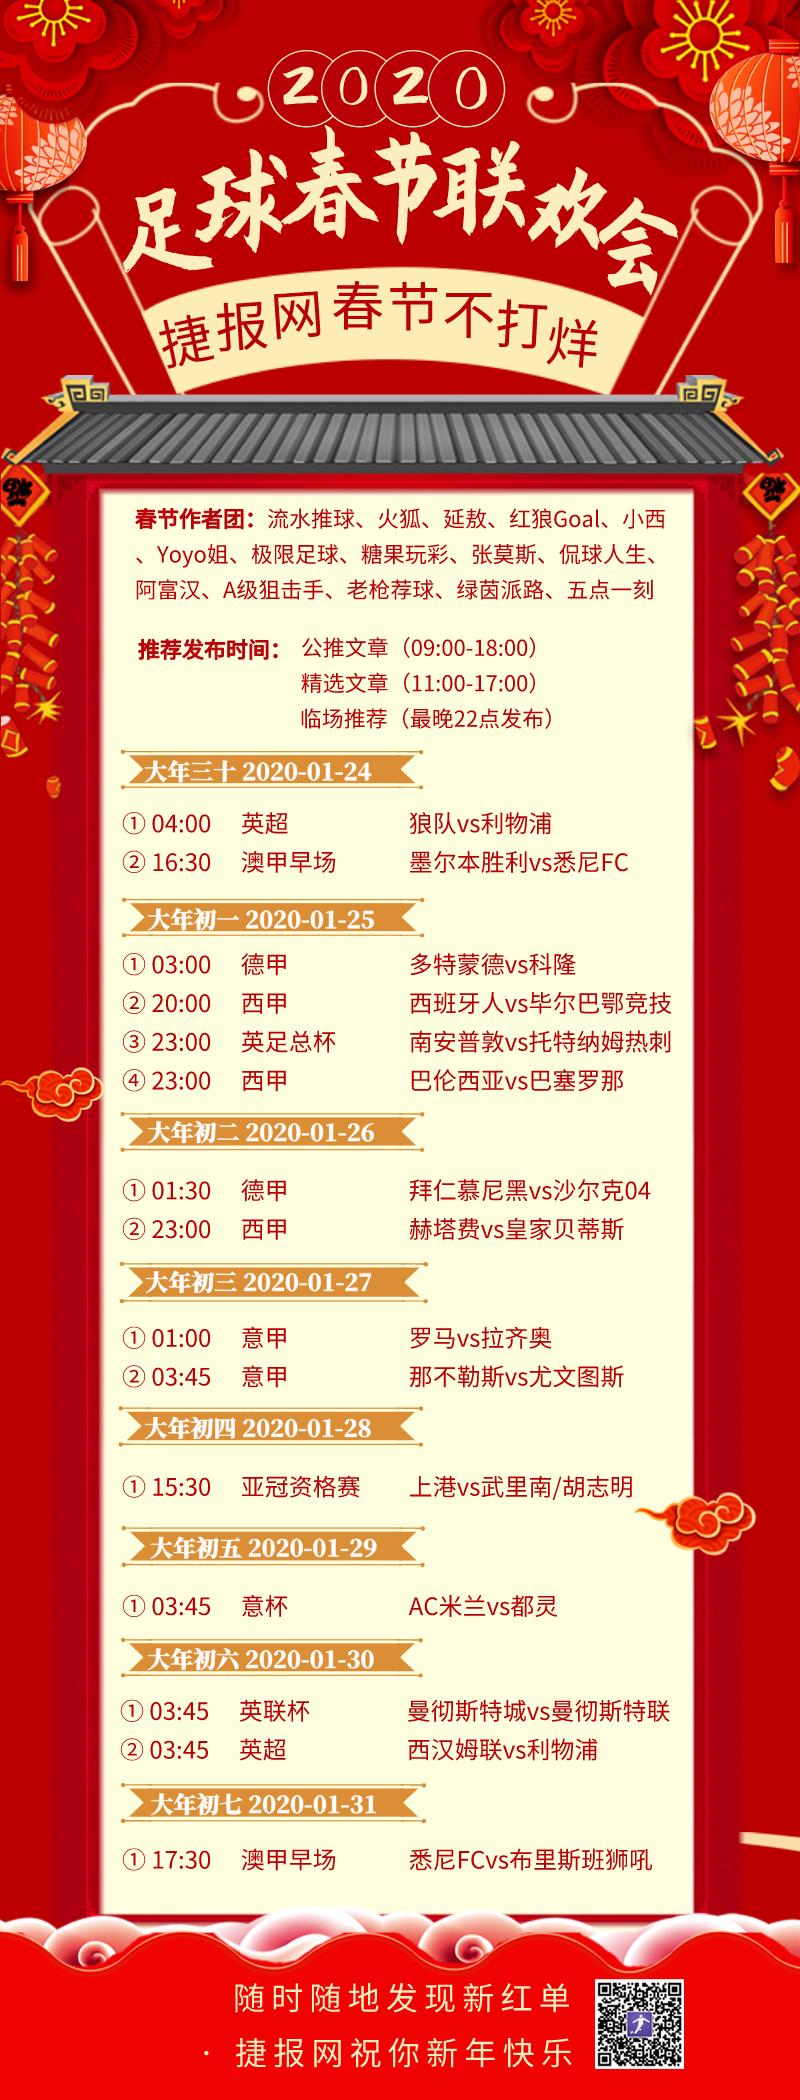 春节不打烊 皇冠网春节足球节目单奉上!